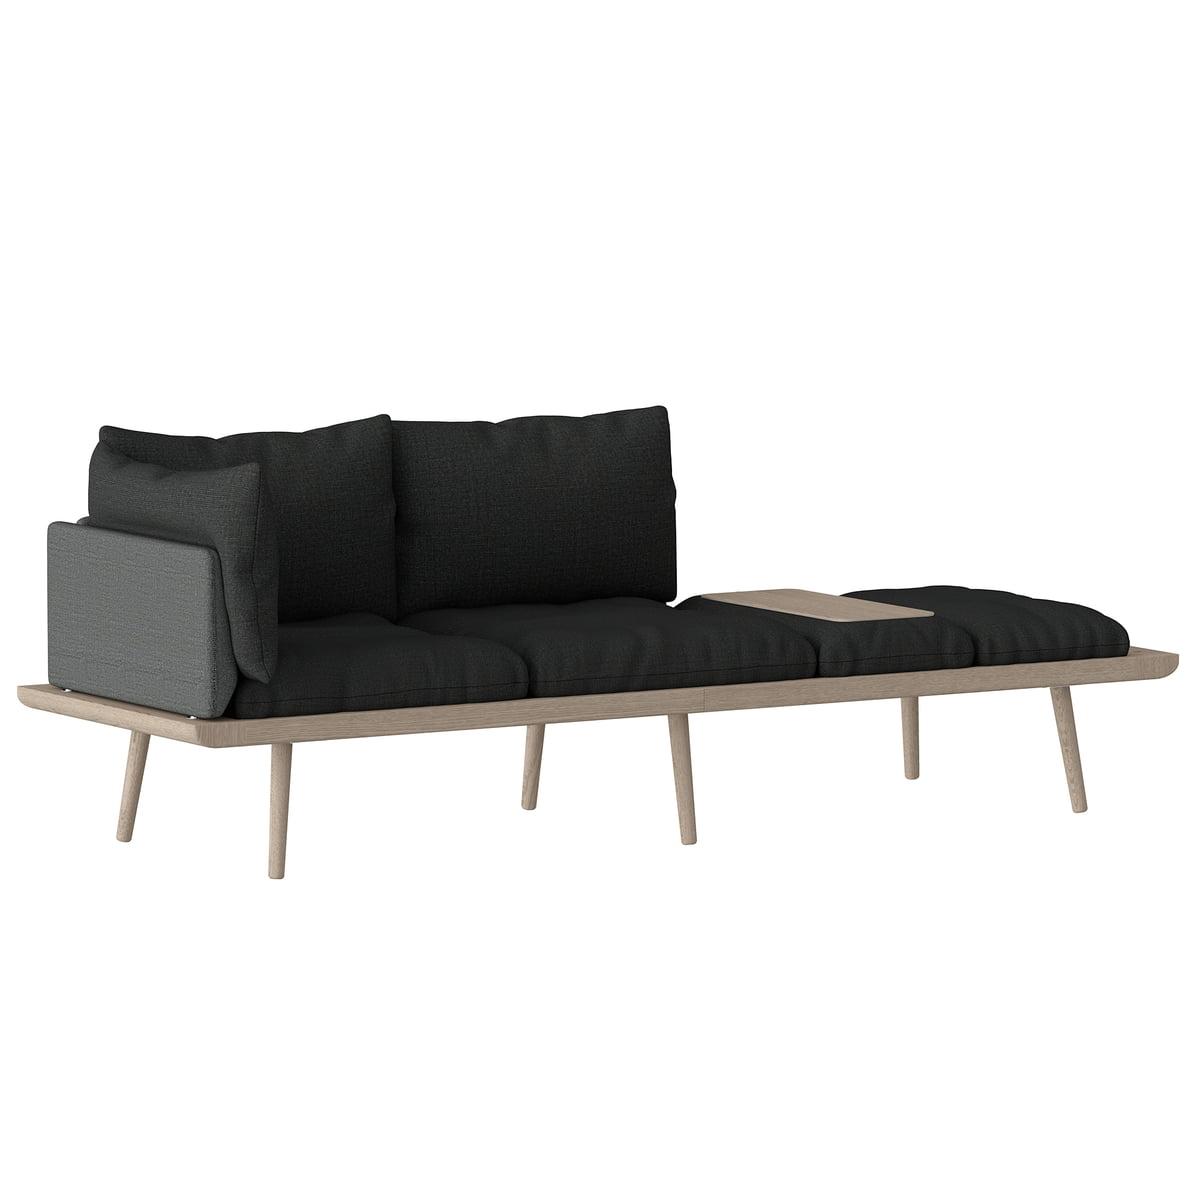 Full Size of 3 Sitzer Sofa Mit Federkern Schlaffunktion Rot Poco Ikea Grau Und Bettkasten Nockeby Couch Leder Bei Roller 2 Sessel Lounge Around Von Umage Connox 1 Big Sofa 3 Sitzer Sofa